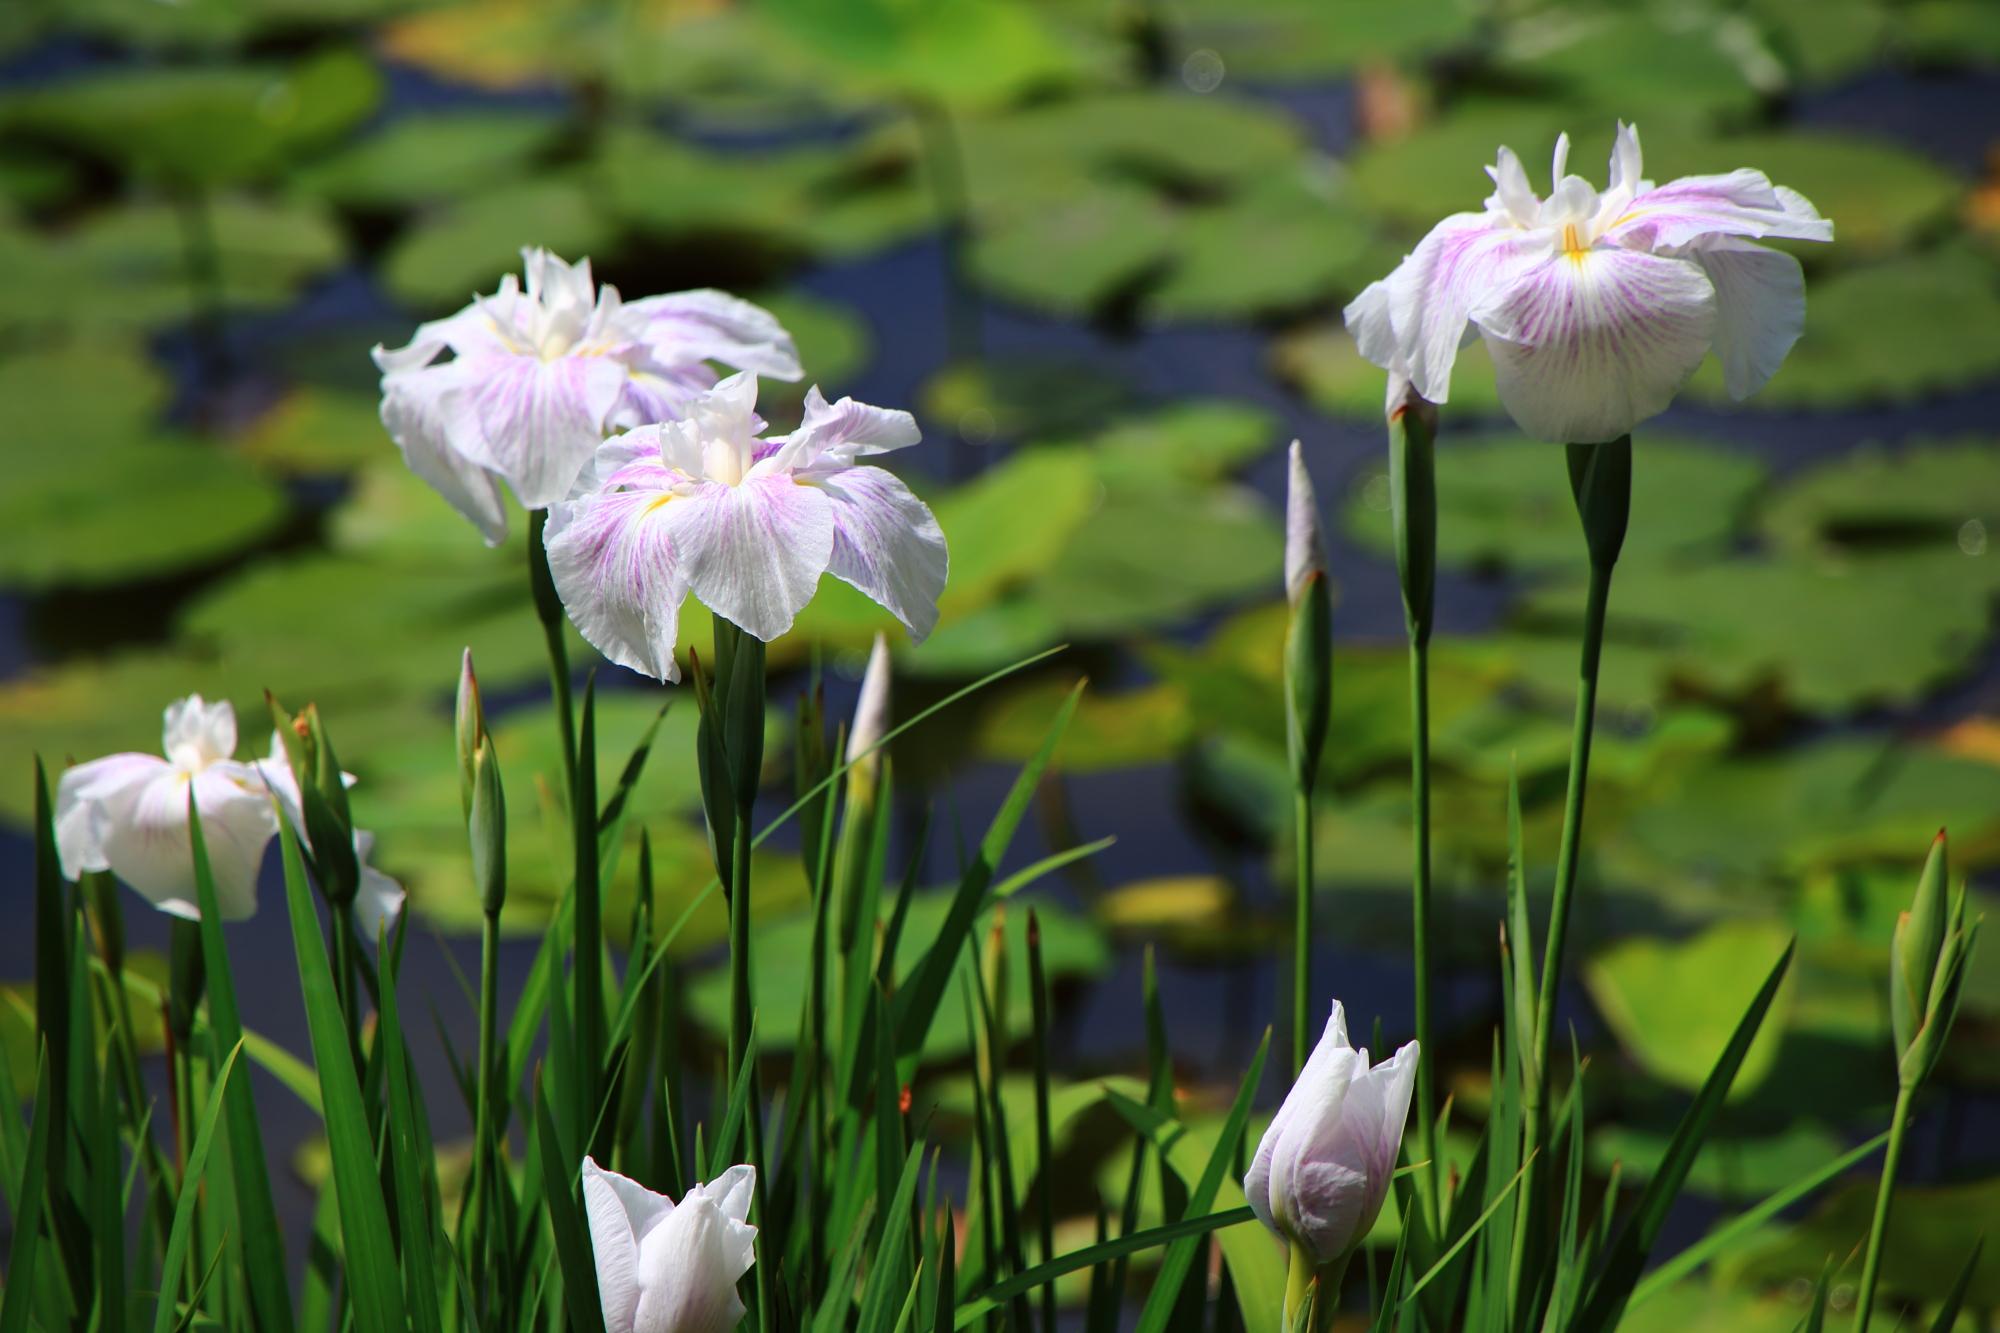 少し薄い紫色が入った爽やかな白い花菖蒲